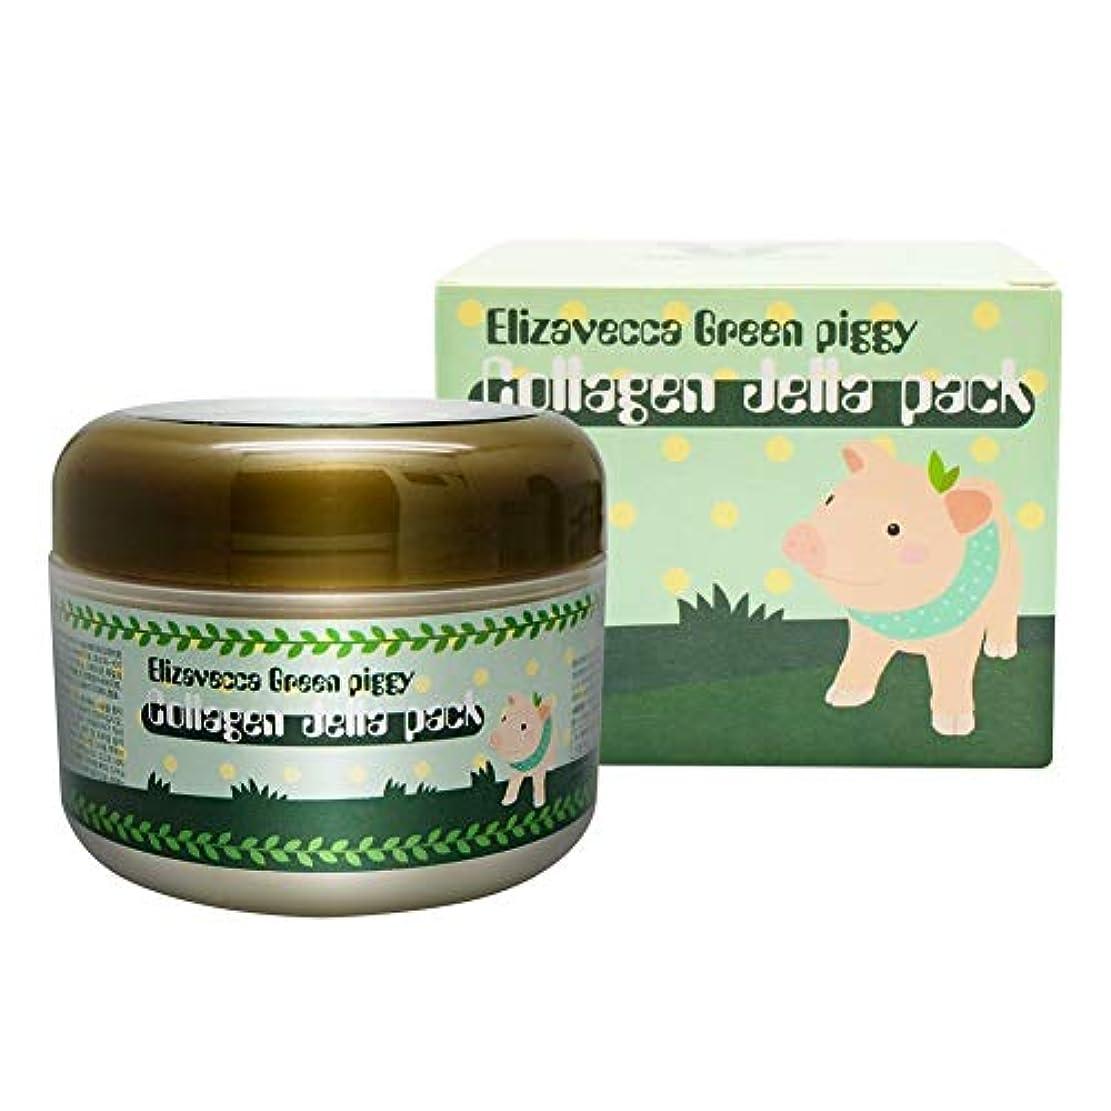 予防接種する潮リンクElizavecca Green Piggy Collagen Jella Pack pig mask 100g